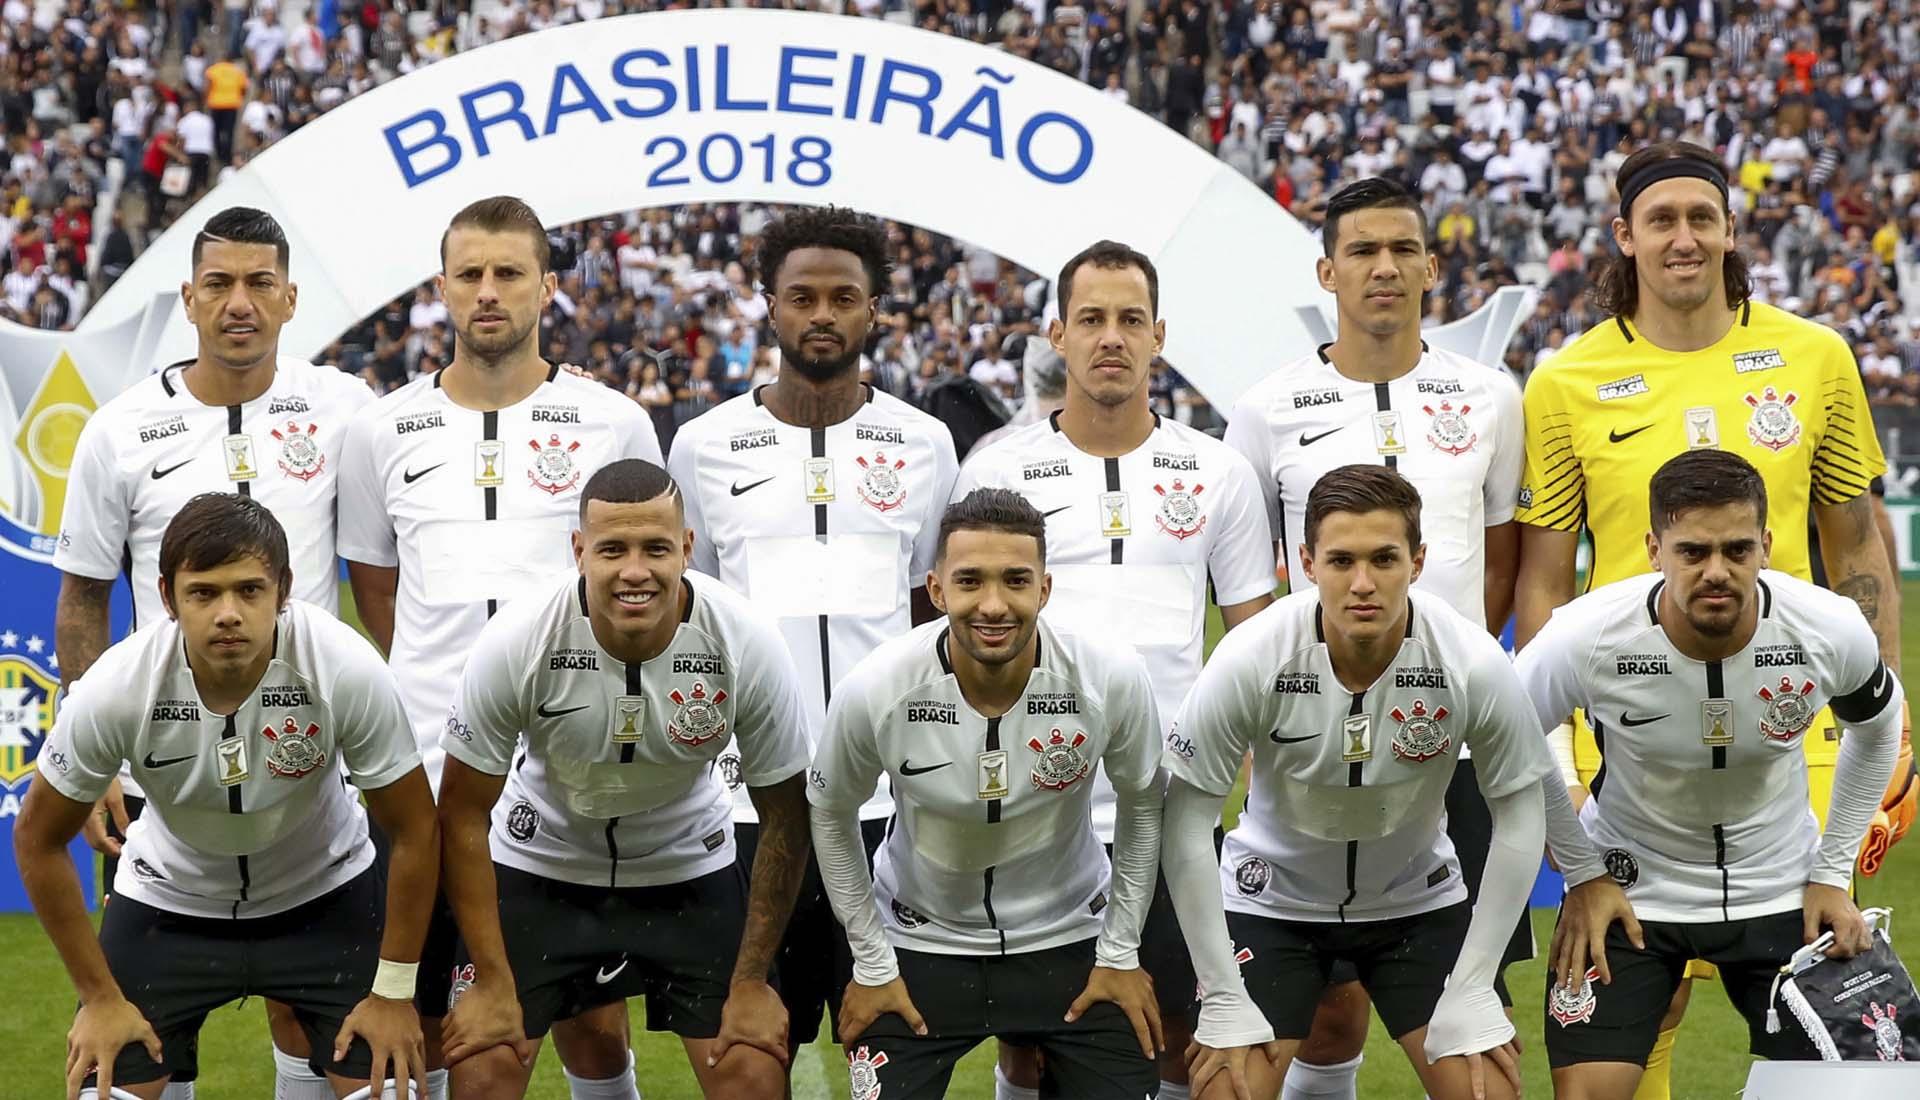 Le sponsor des Corinthians s'est dévoilé grâce à la sueur des joueurs